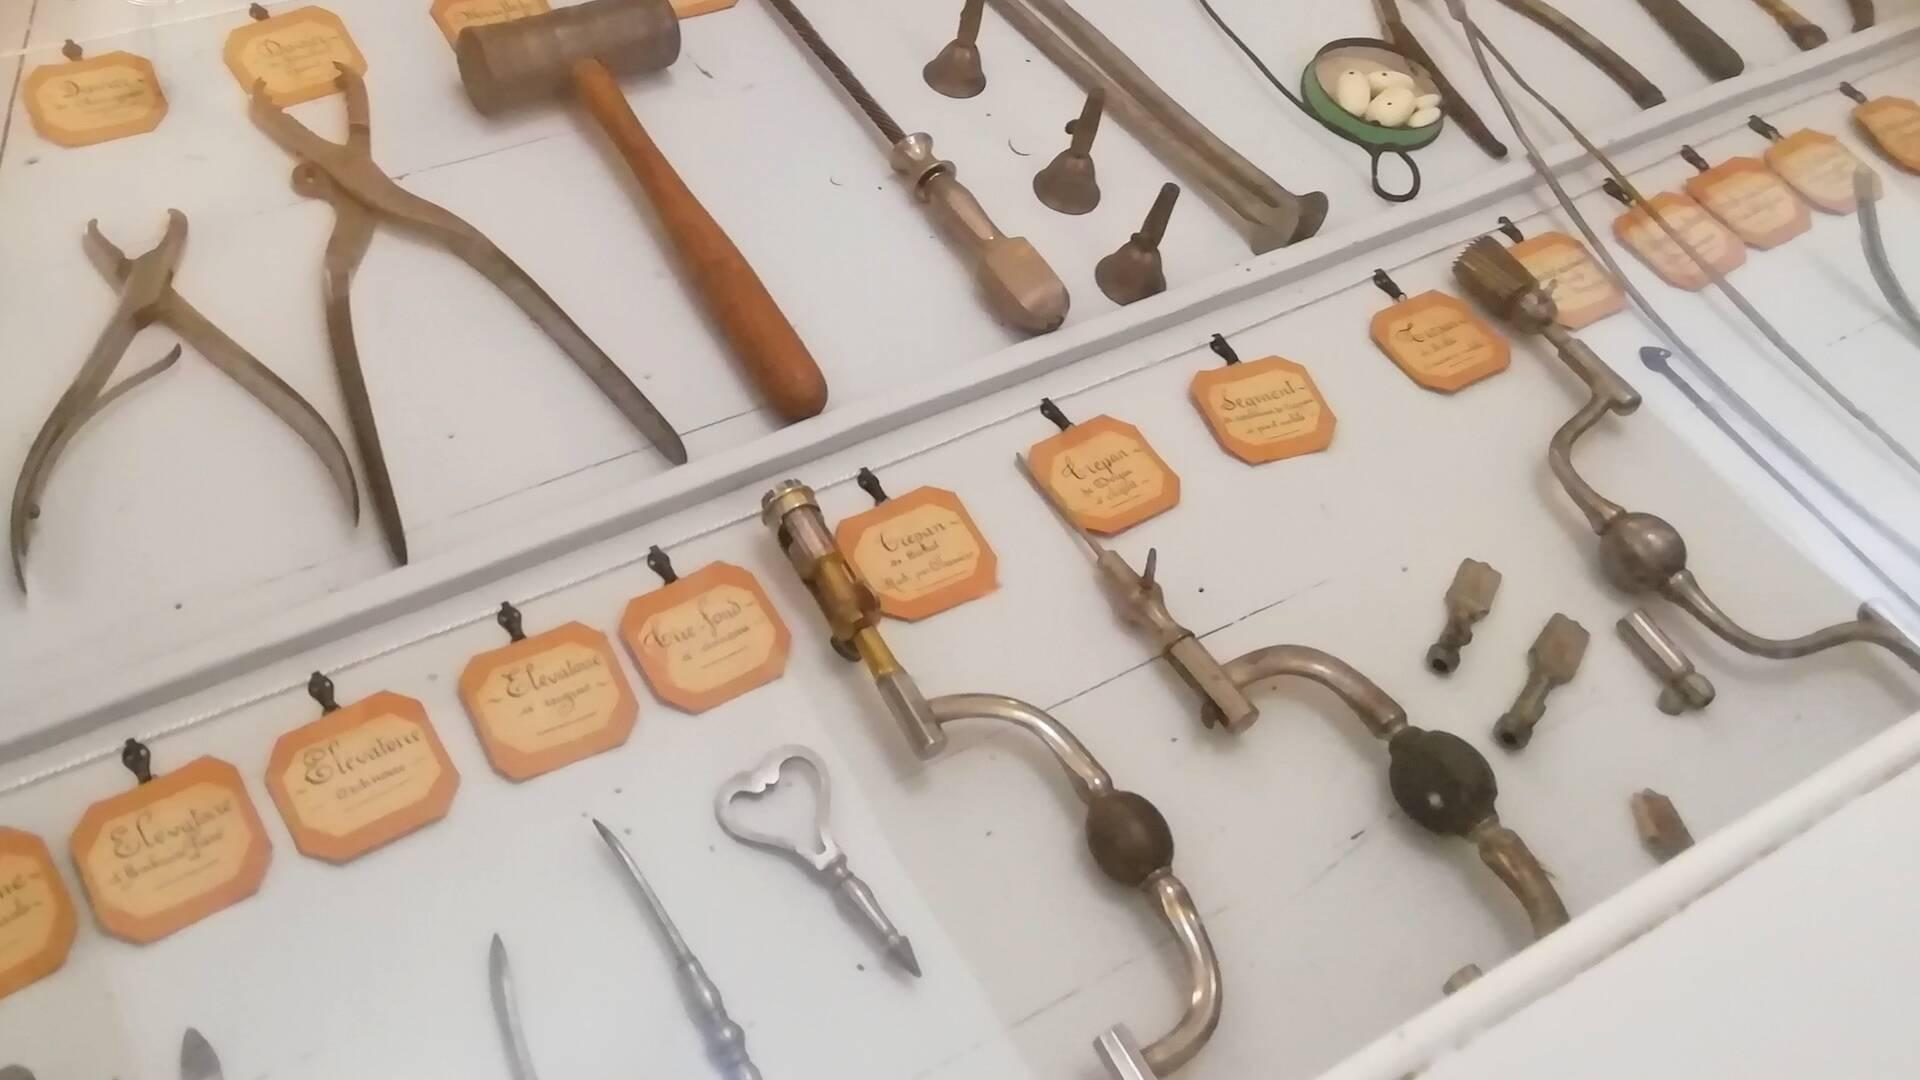 Près de 600 instruments de chirurgie